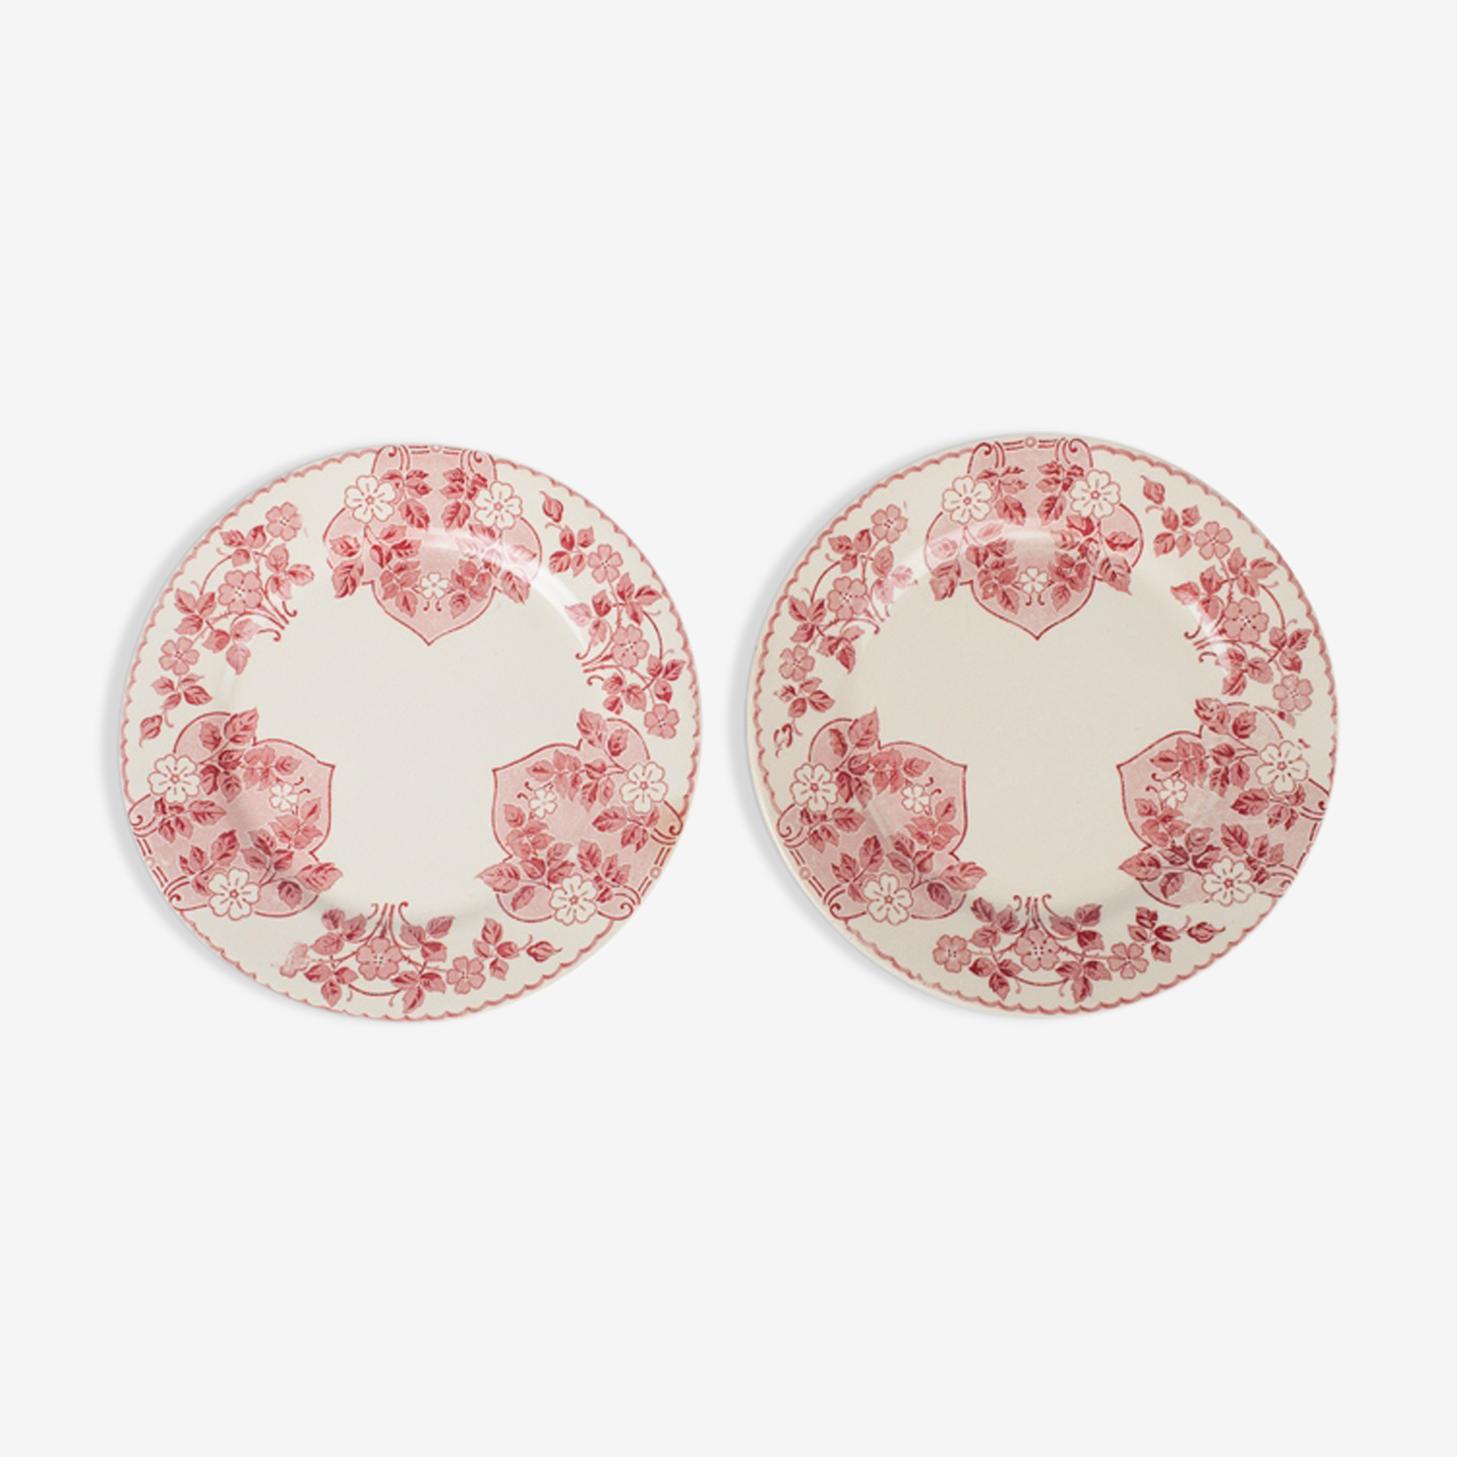 Lot de 2 assiettes plates Sarreguemines U & Cie, décor Biarritz